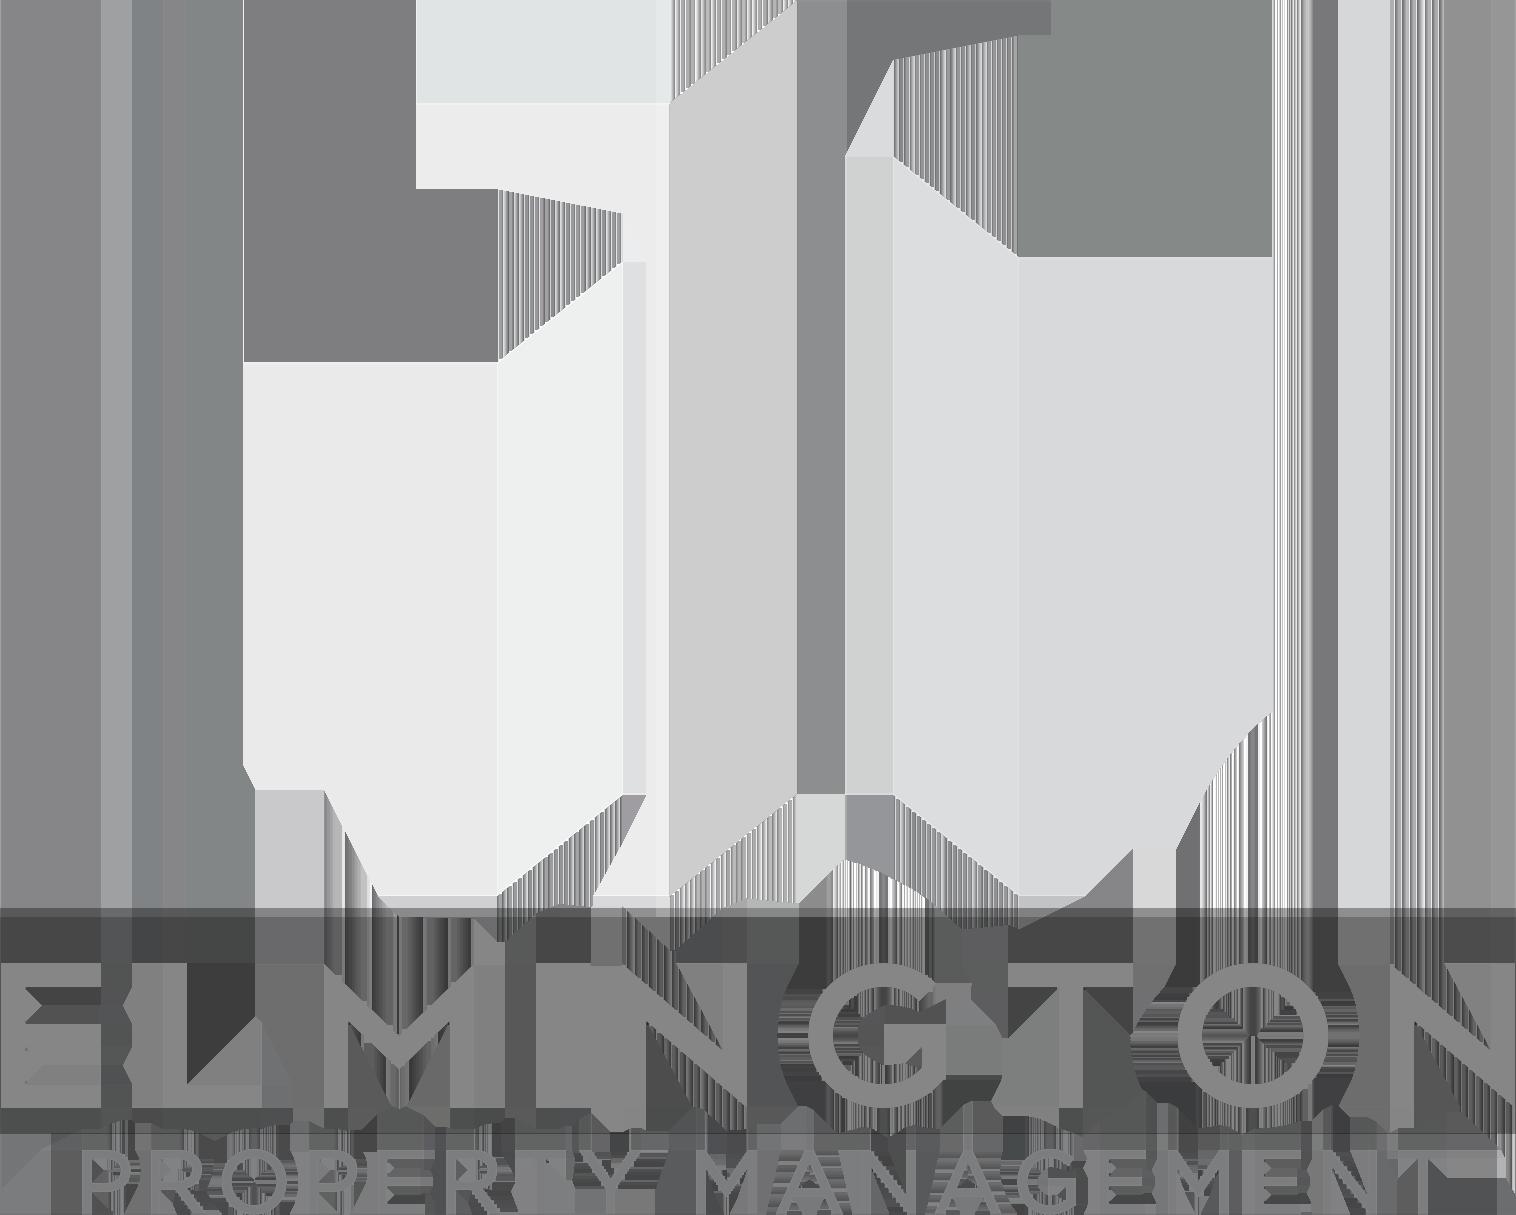 Elmington Property Management